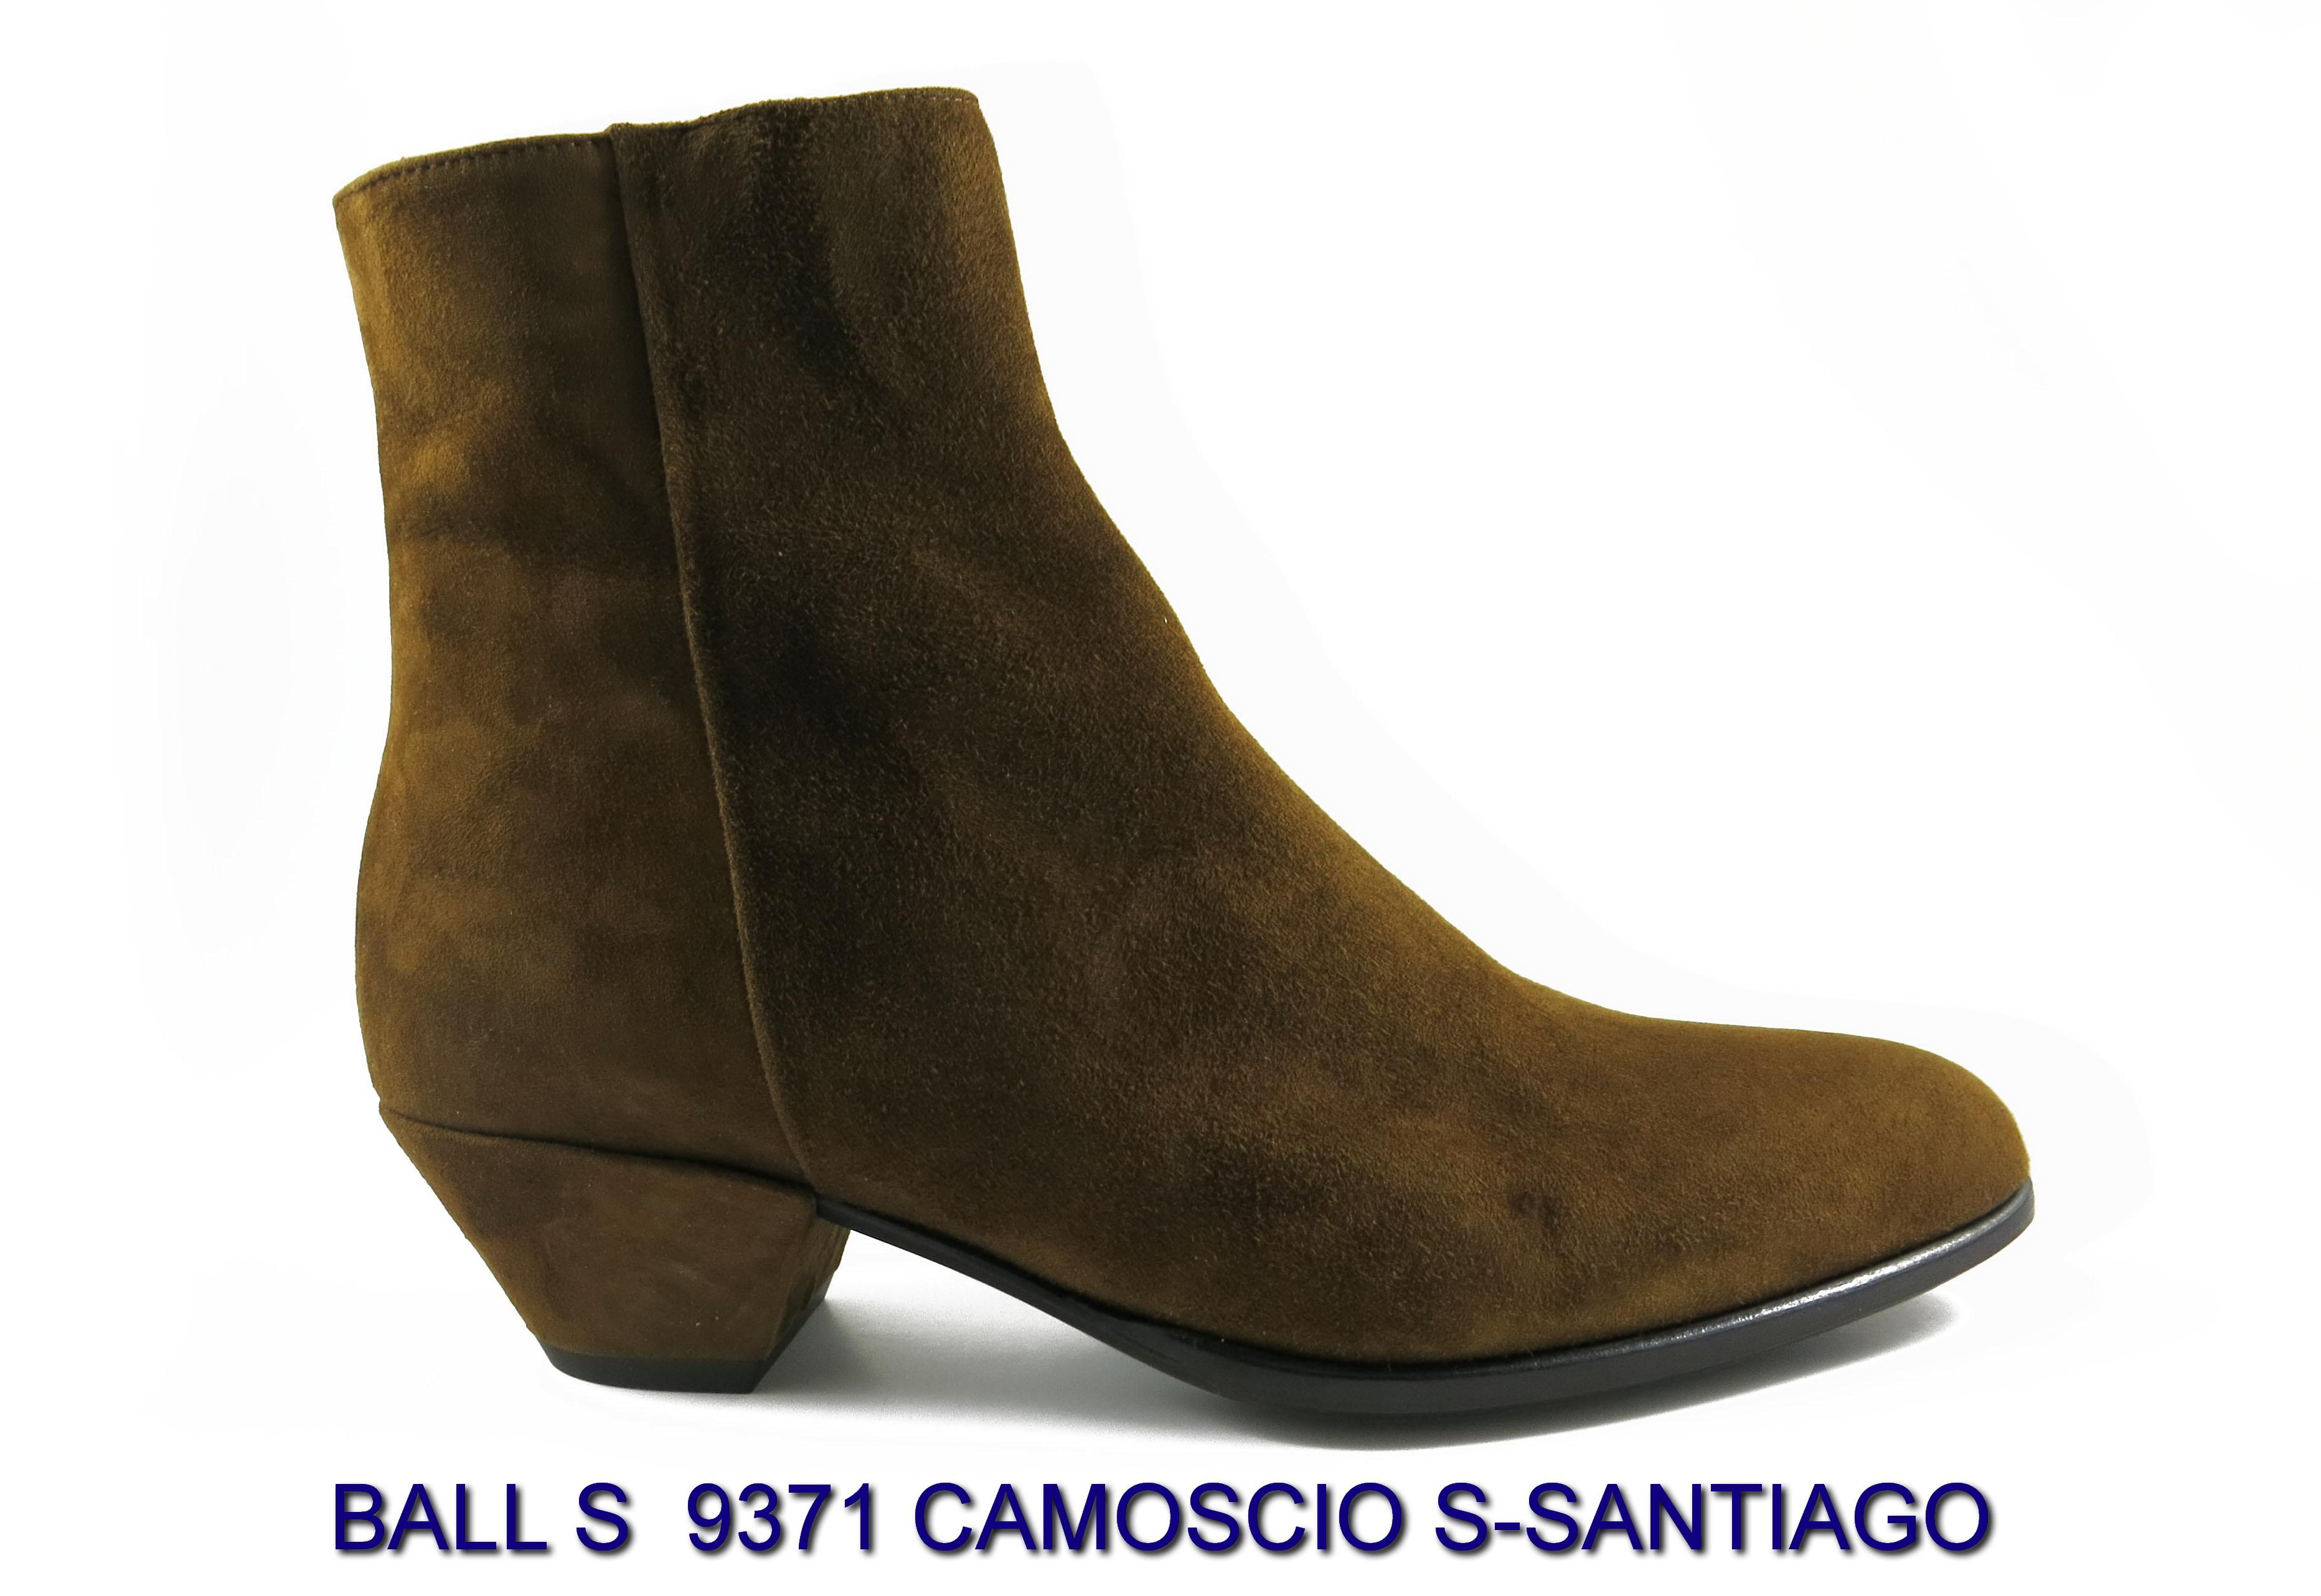 BALL-S-9371-CAMOSCIO-S-SANTIAGO